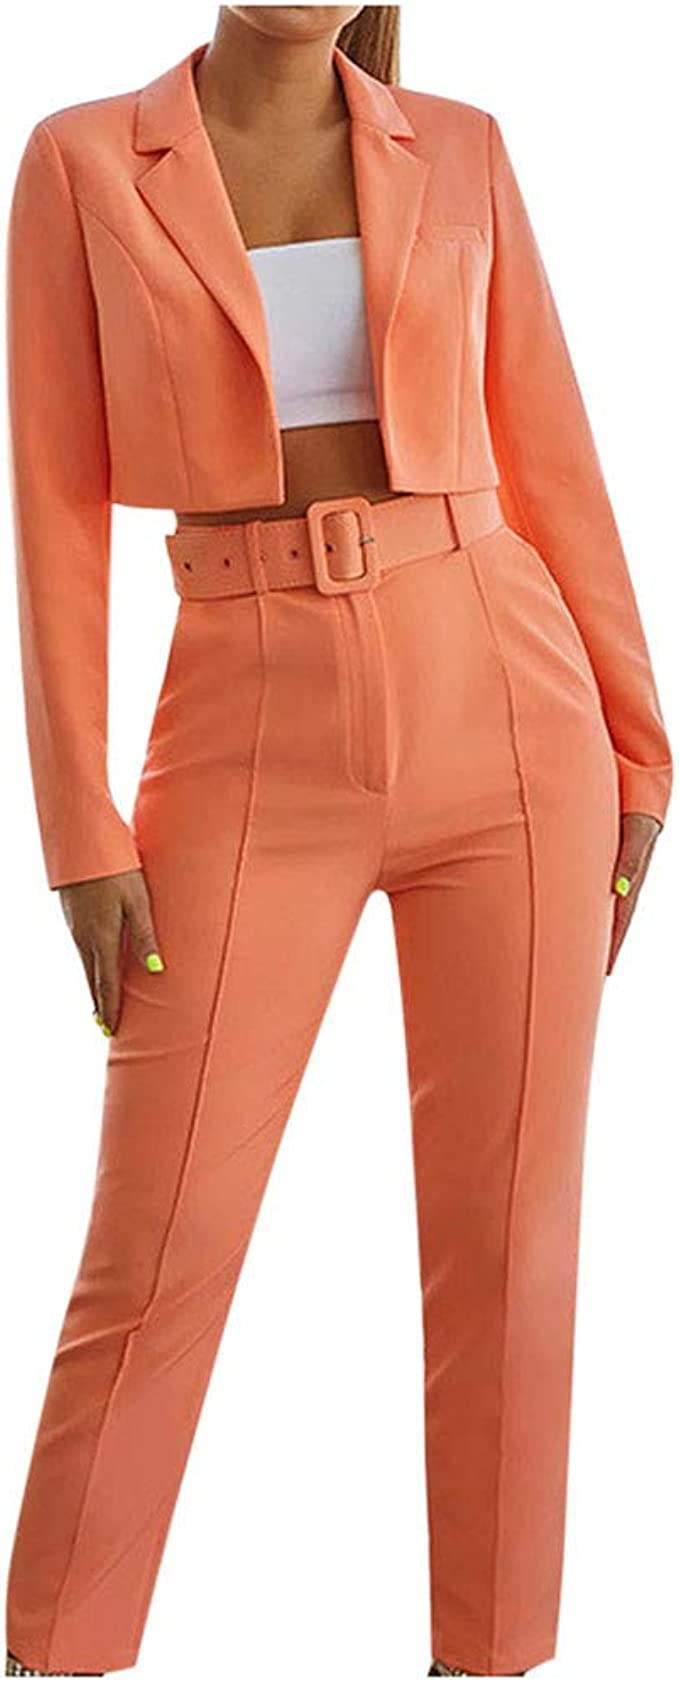 Damen 2 Stück Set Mode Einfarbiger Pullover Kurzer Rock Anzug Set Herbst